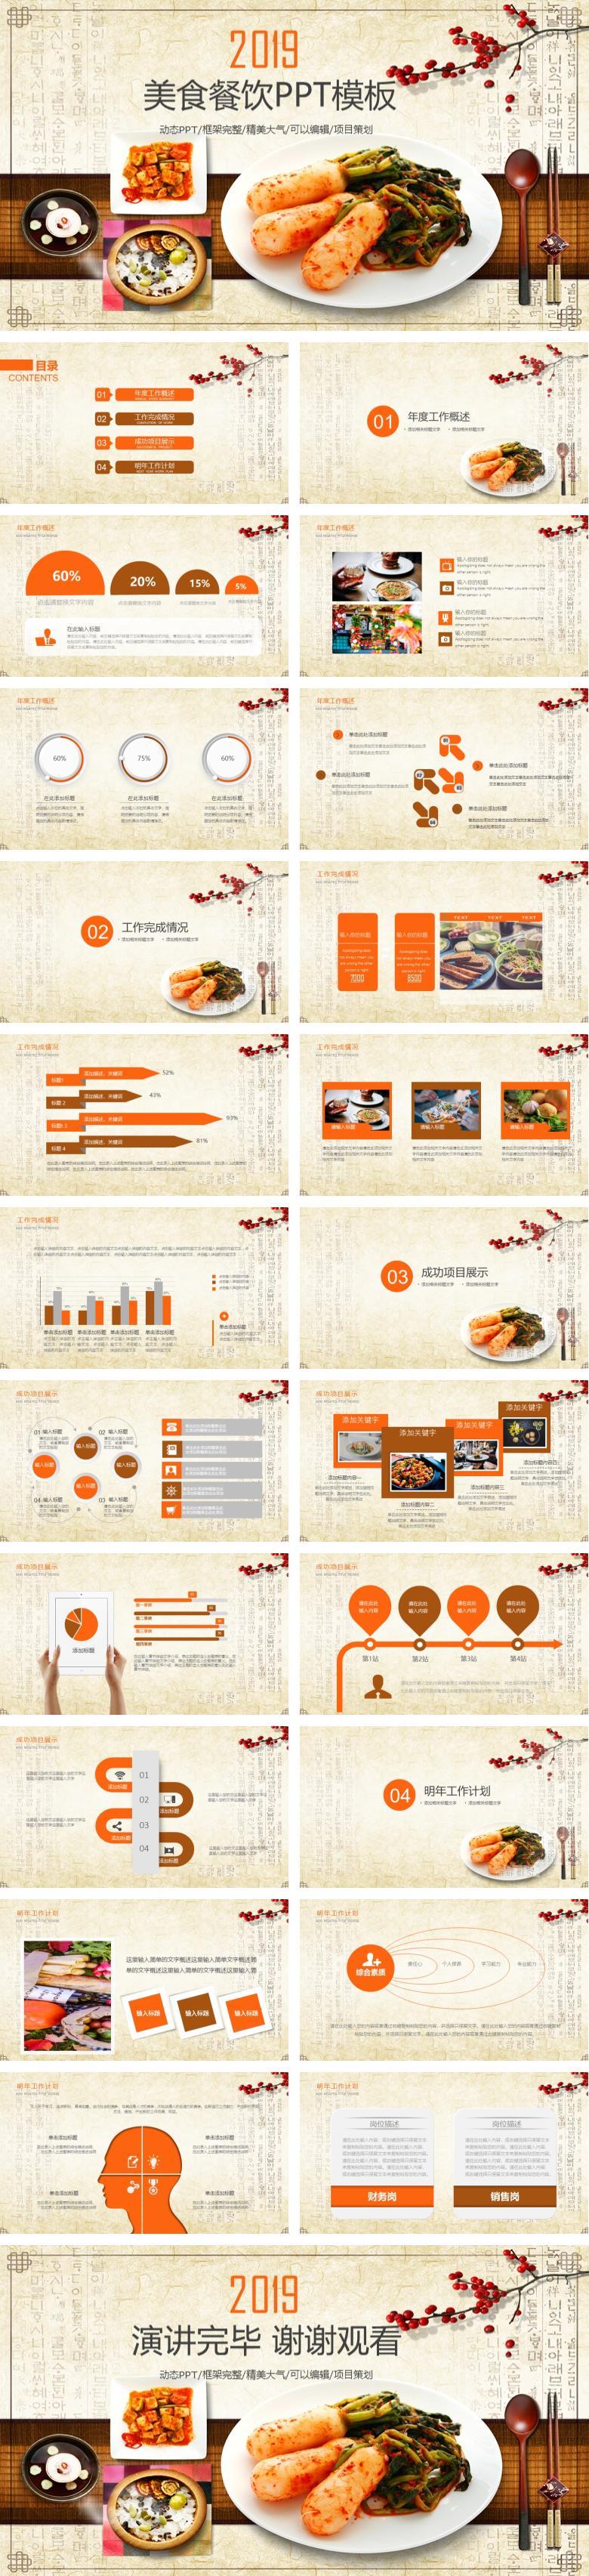 美味美食文化饮食餐饮动态PPT模板_1.jpg